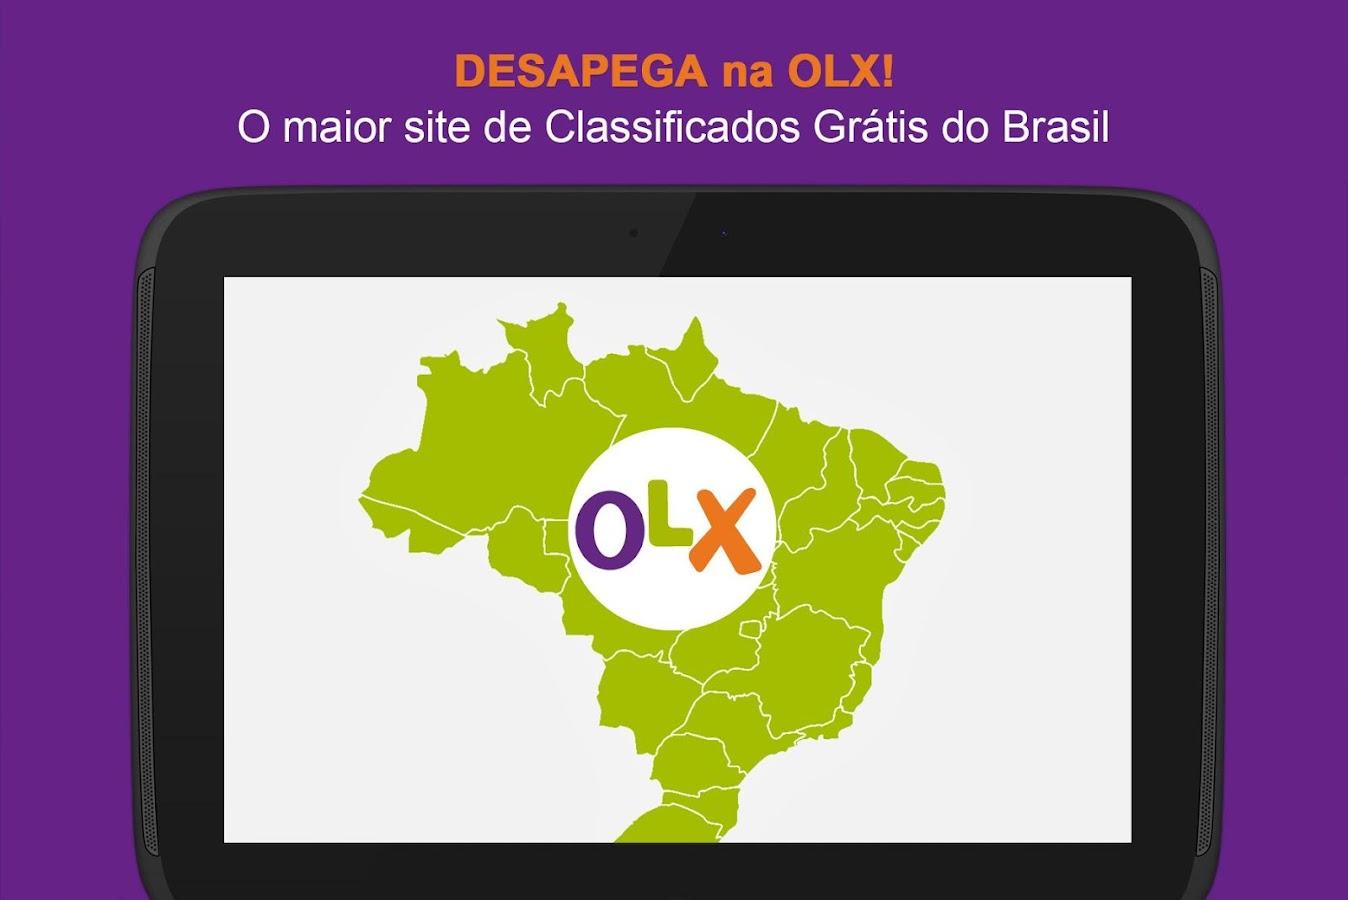 OLX Brasil - Comprar e Vender - Imagem 1 do software